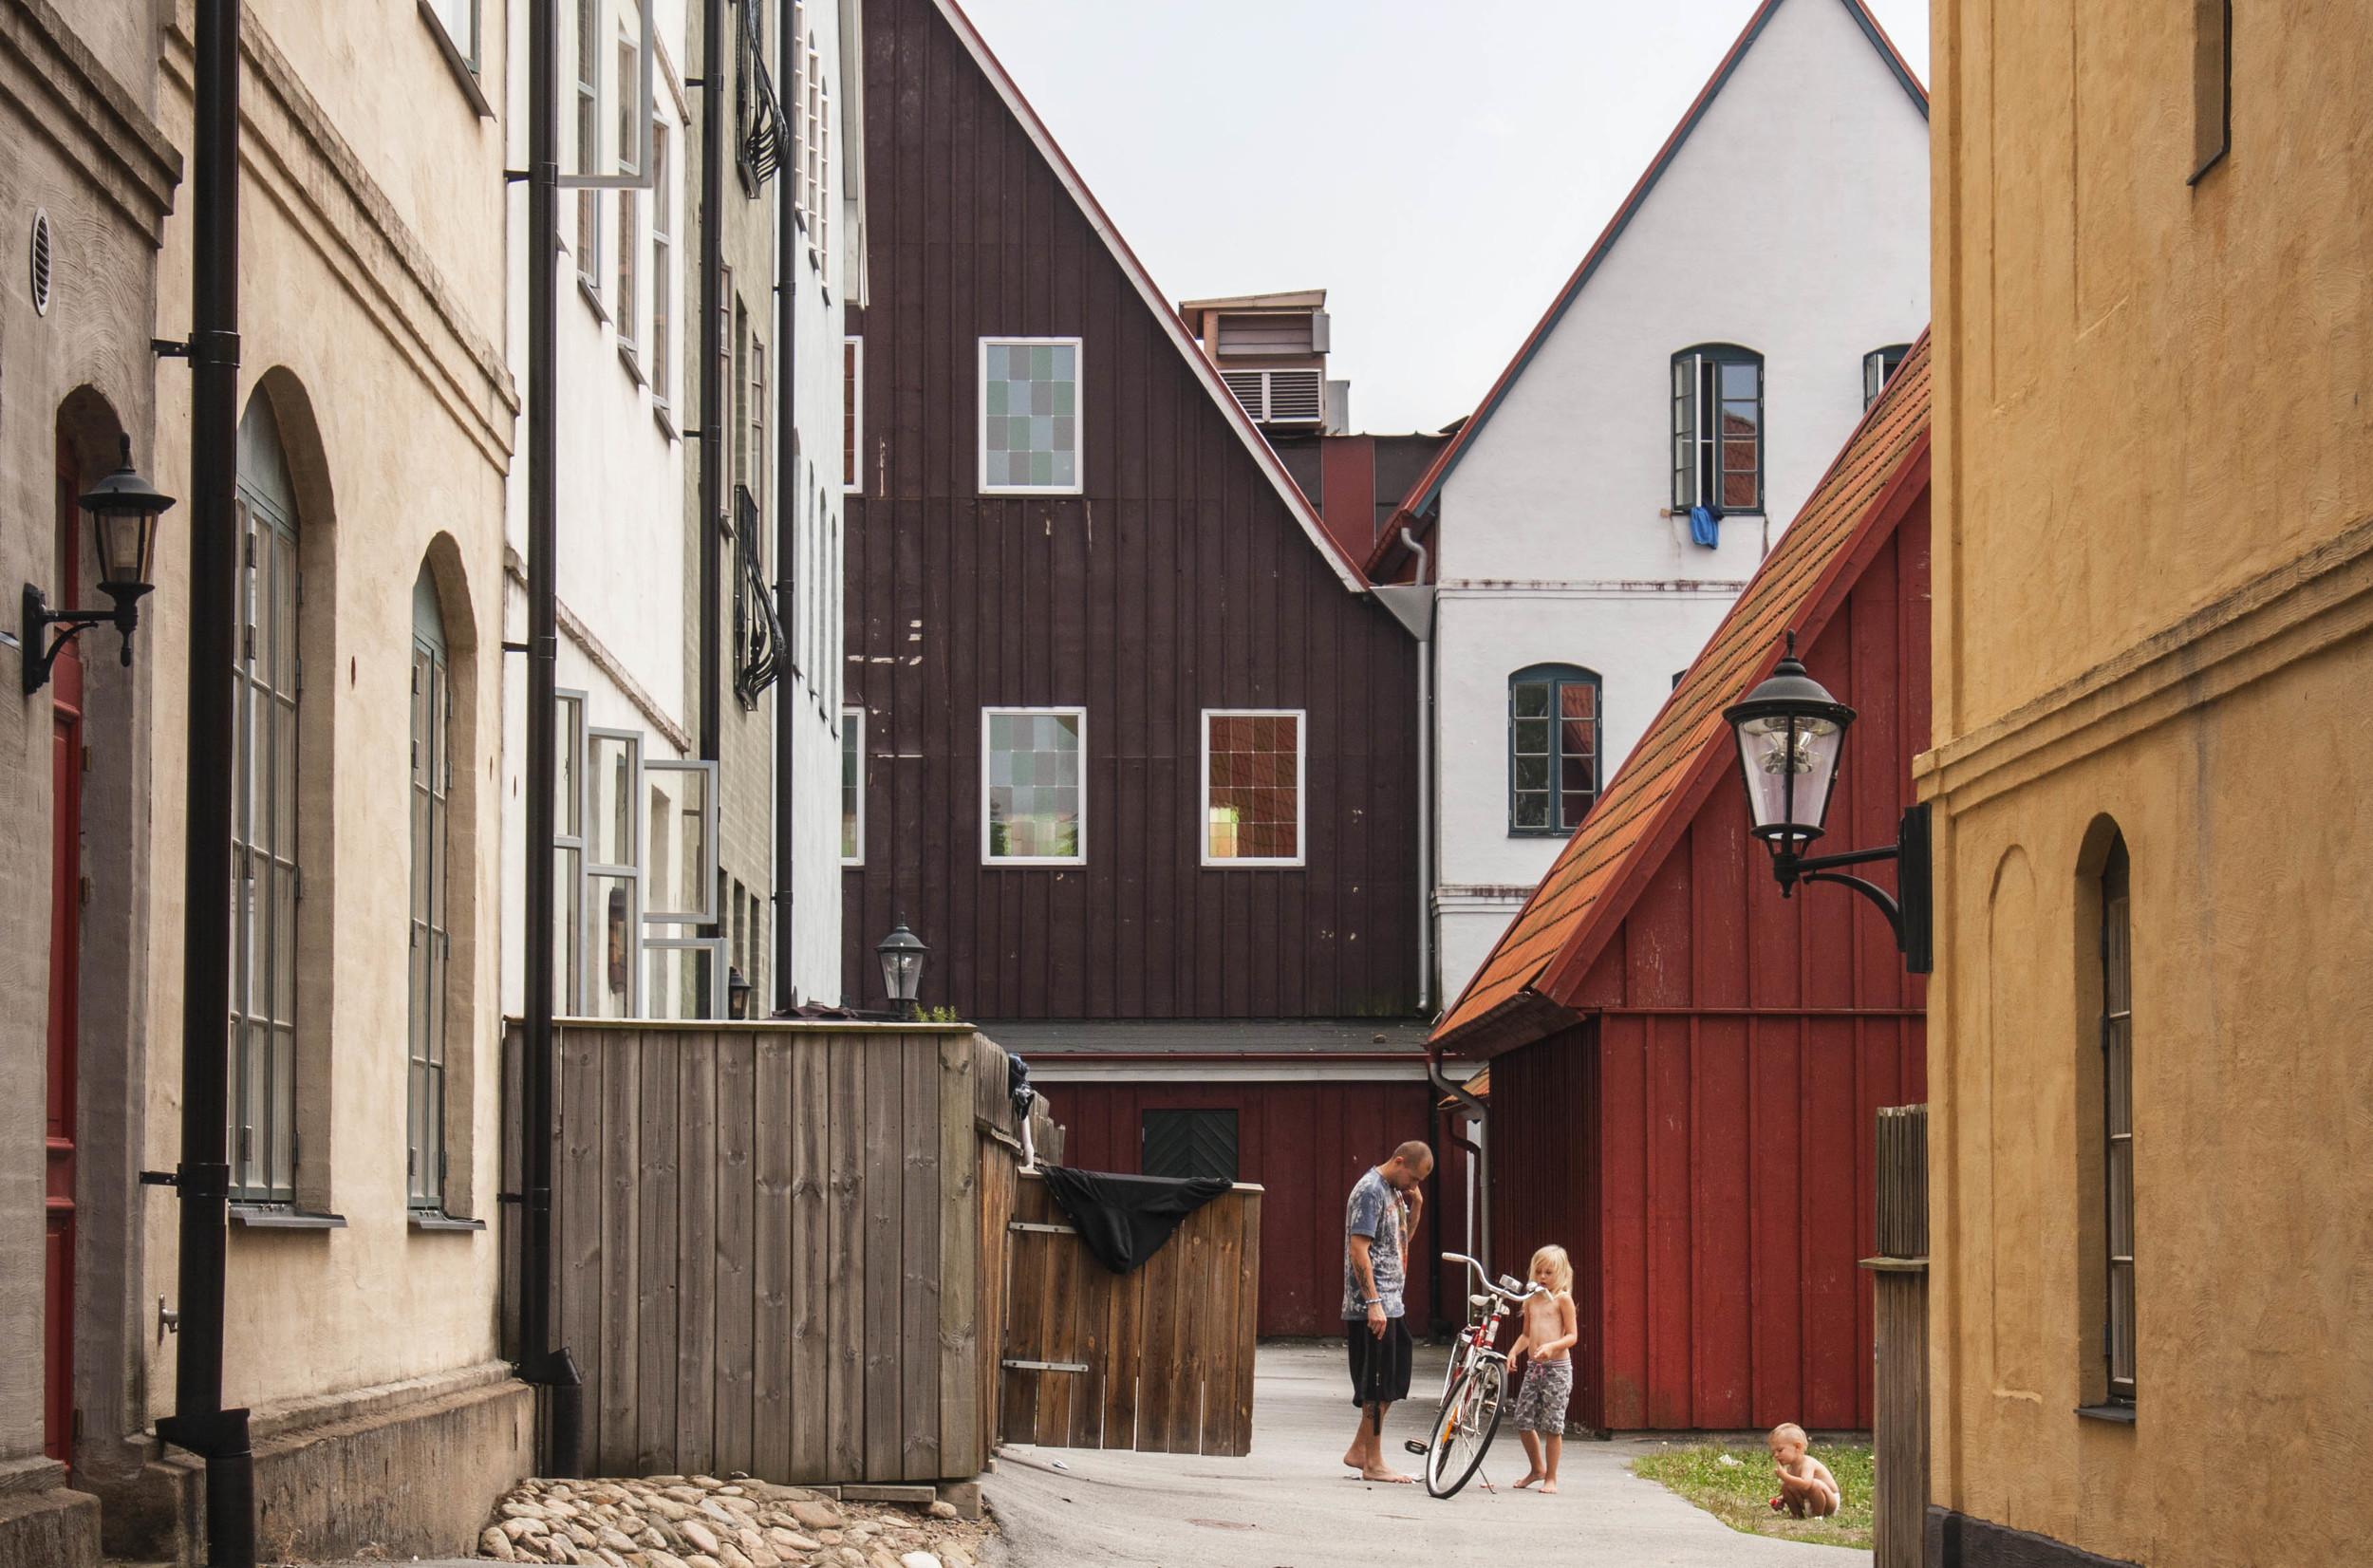 Hjärup, Sweden